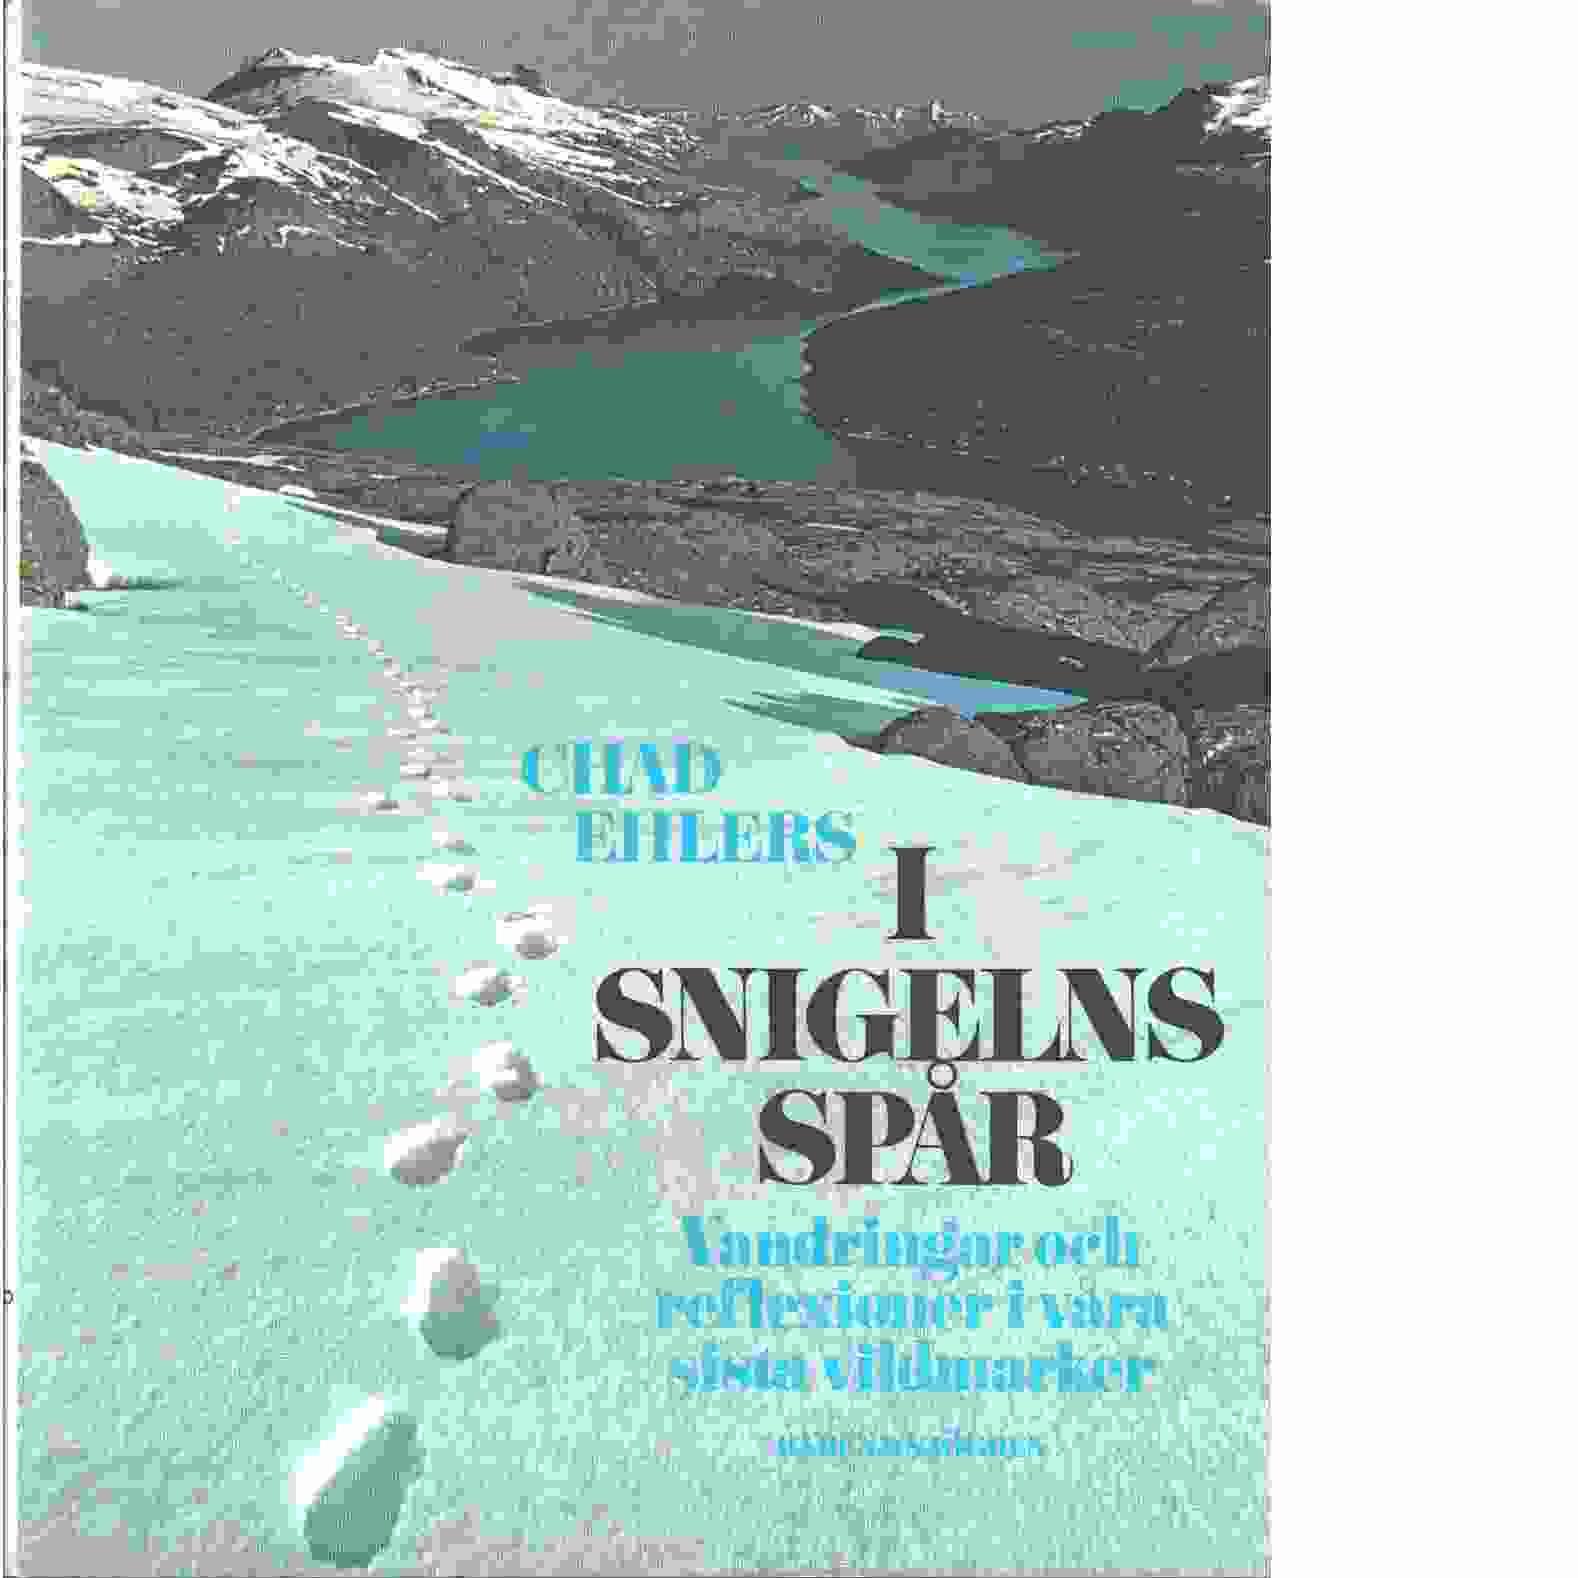 I snigelns spår : vandringar och reflexioner i våra sista vildmarker - Ehlers, Chad